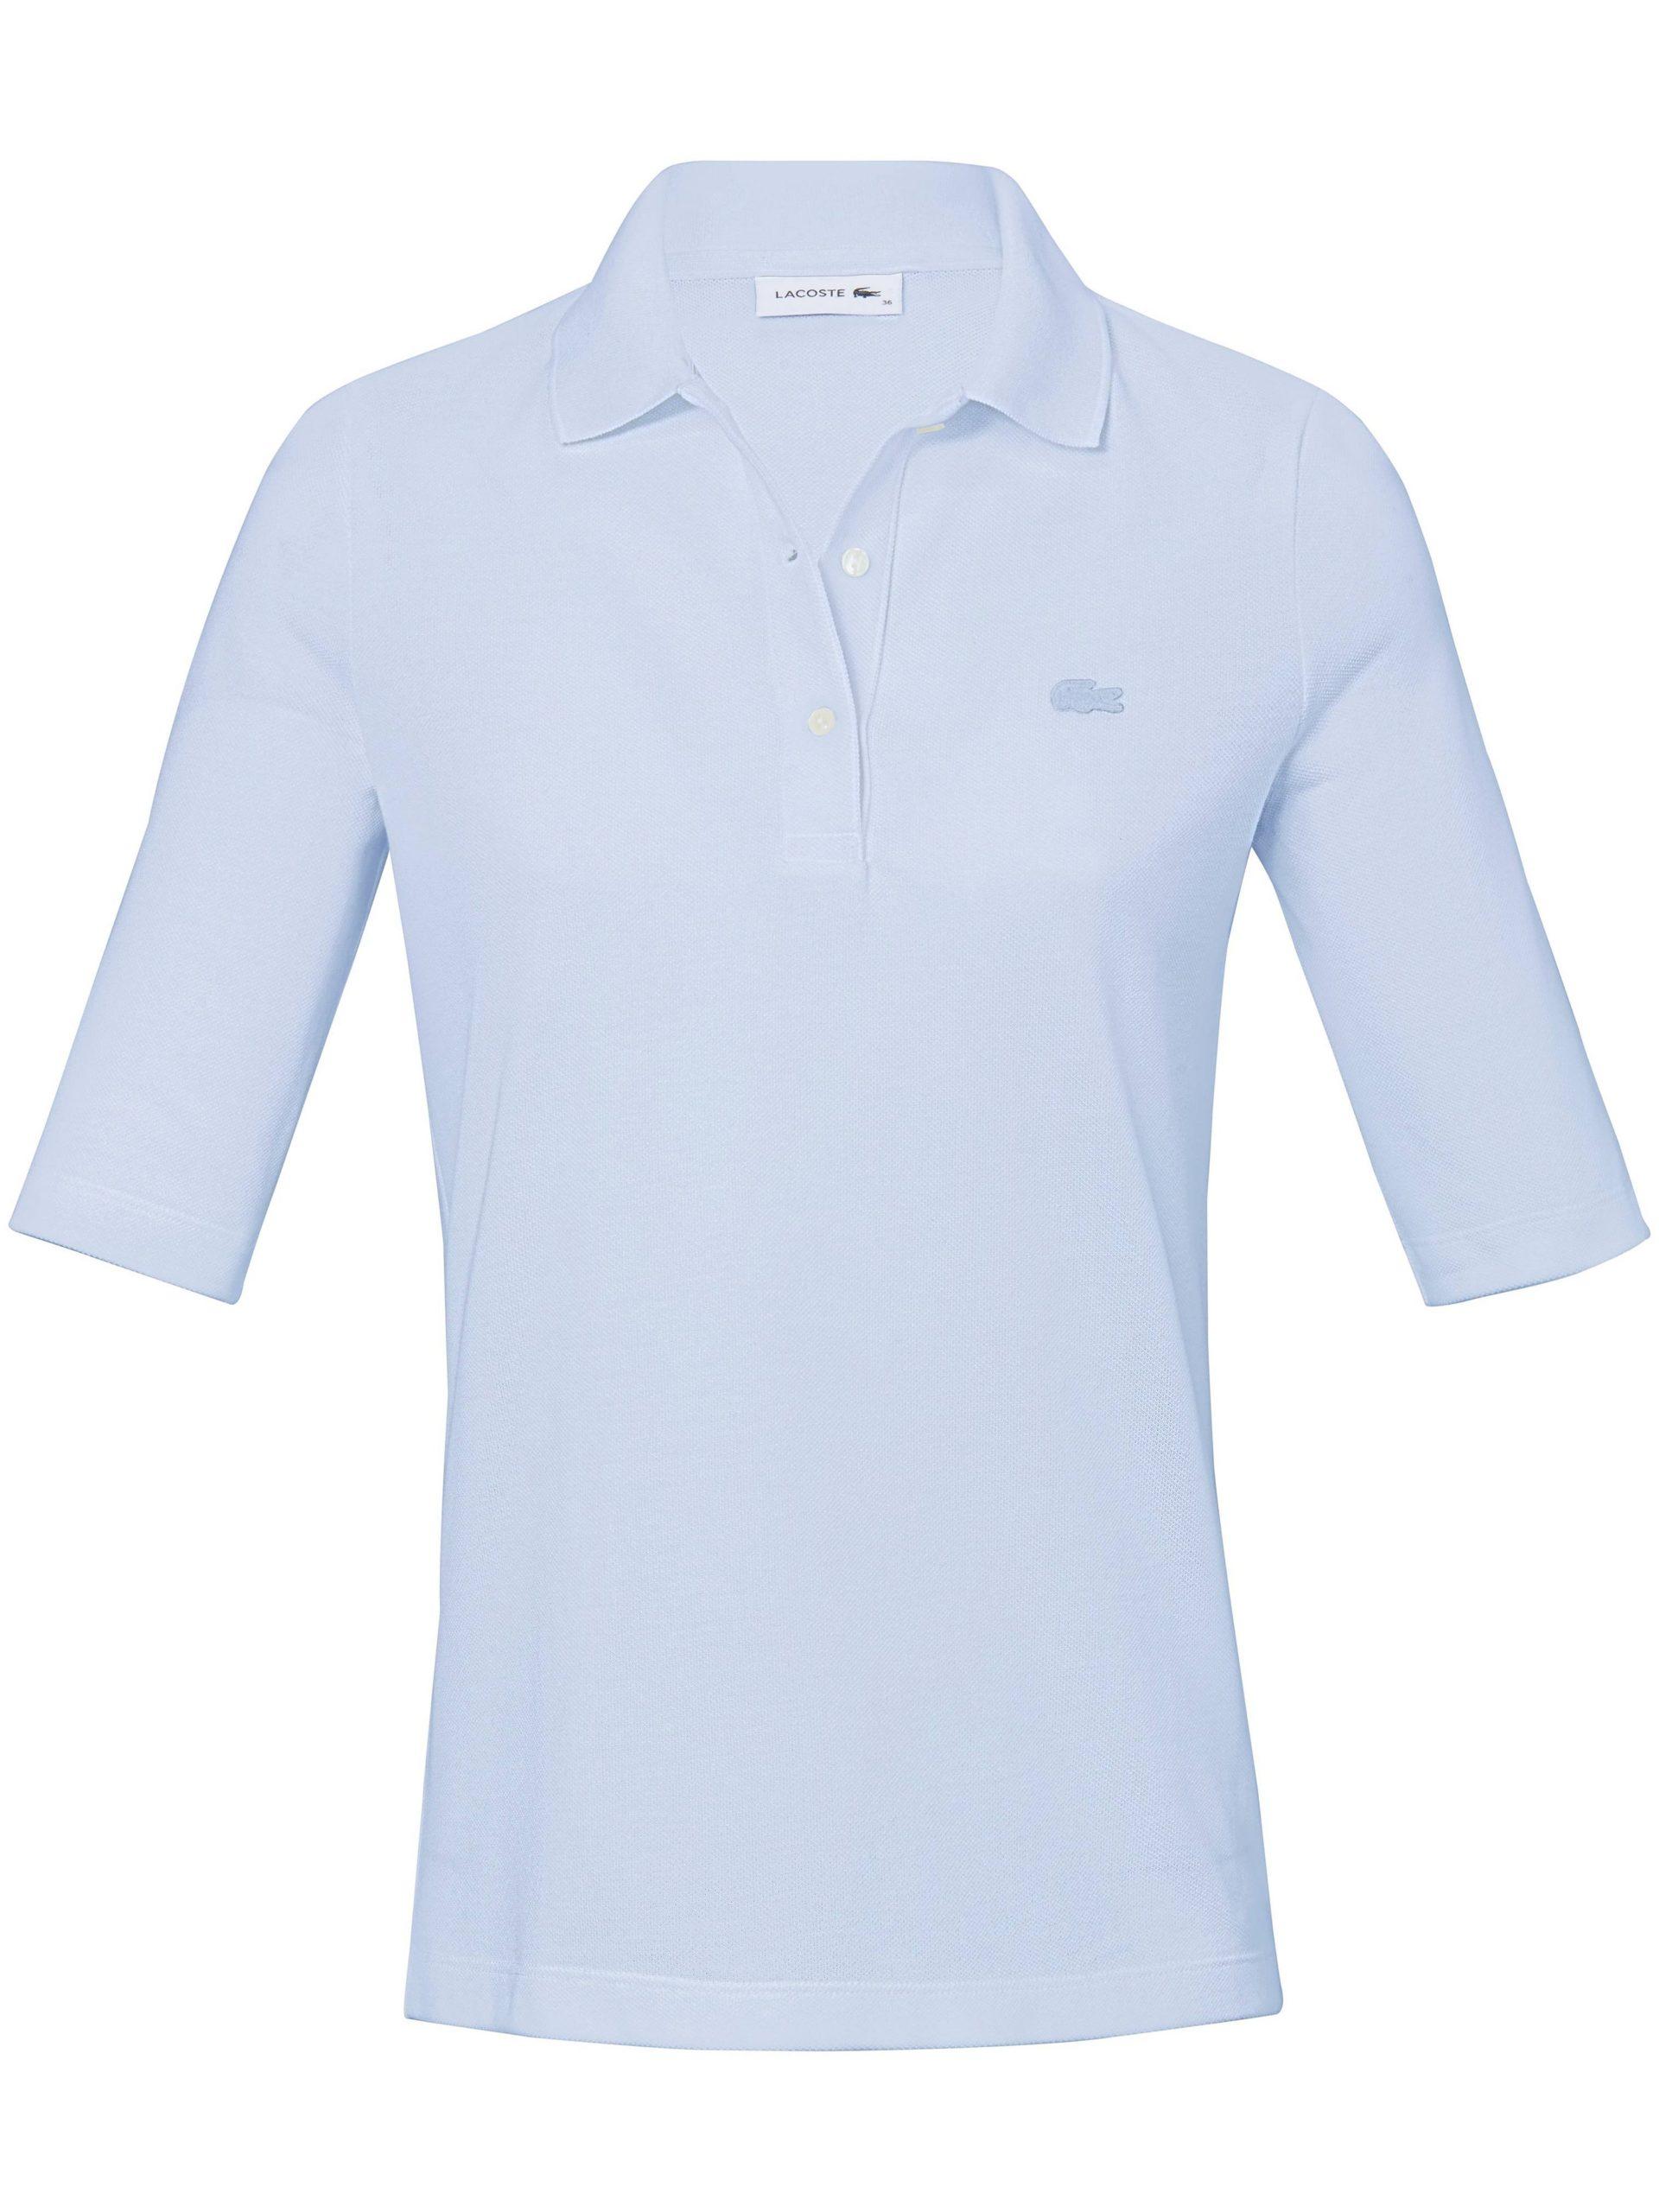 Poloshirt van 100% katoen met korte mouwen Van Lacoste blauw Kopen